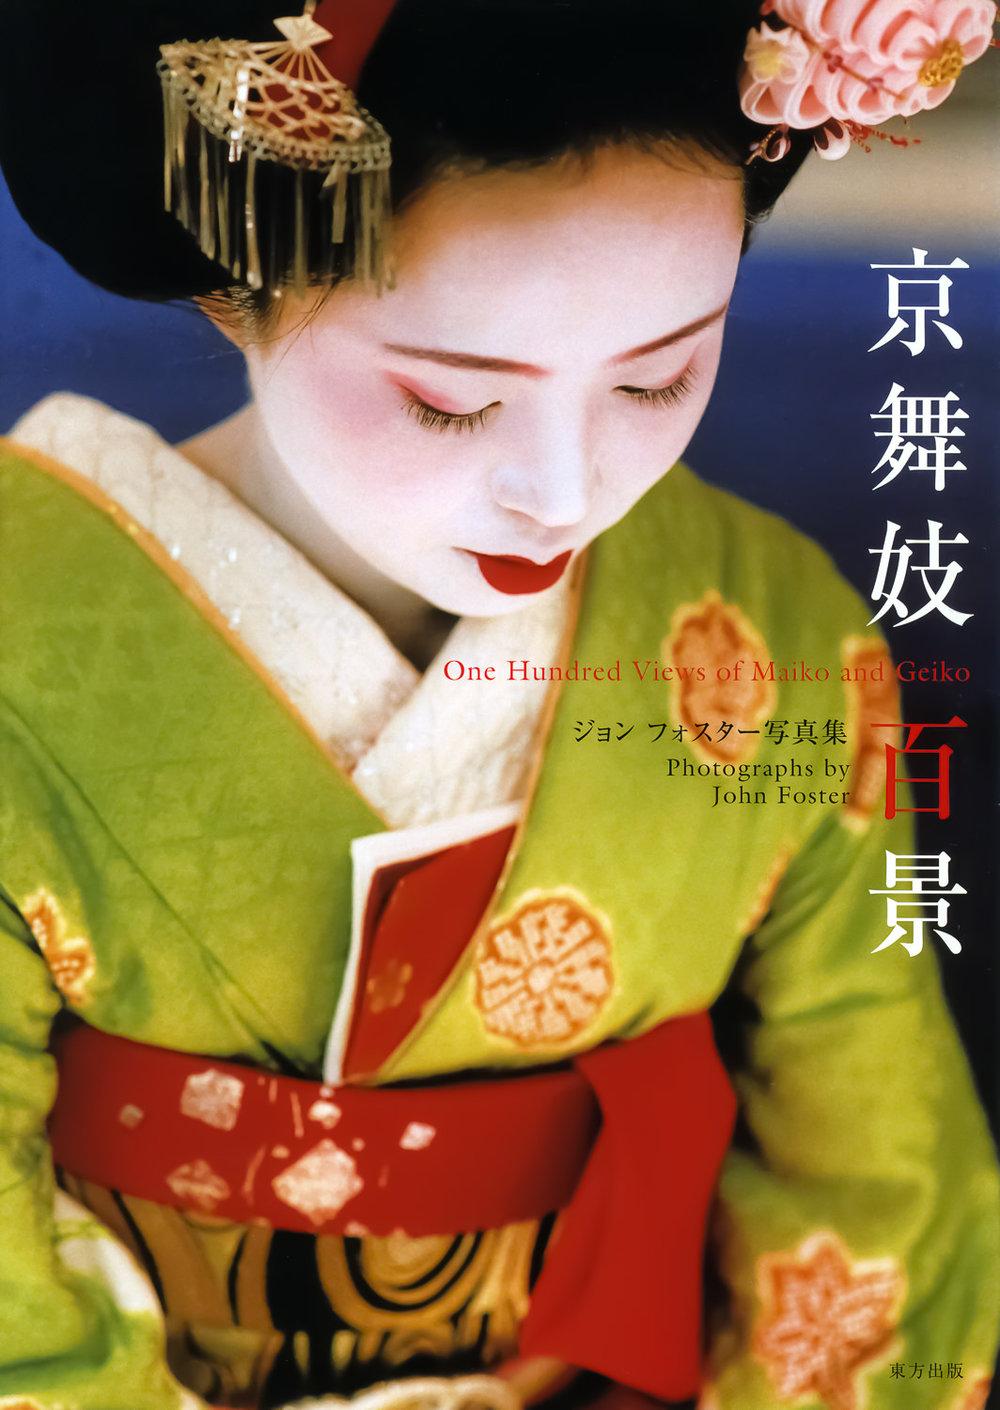 100-Views-Maiko-Geiko-book.jpg